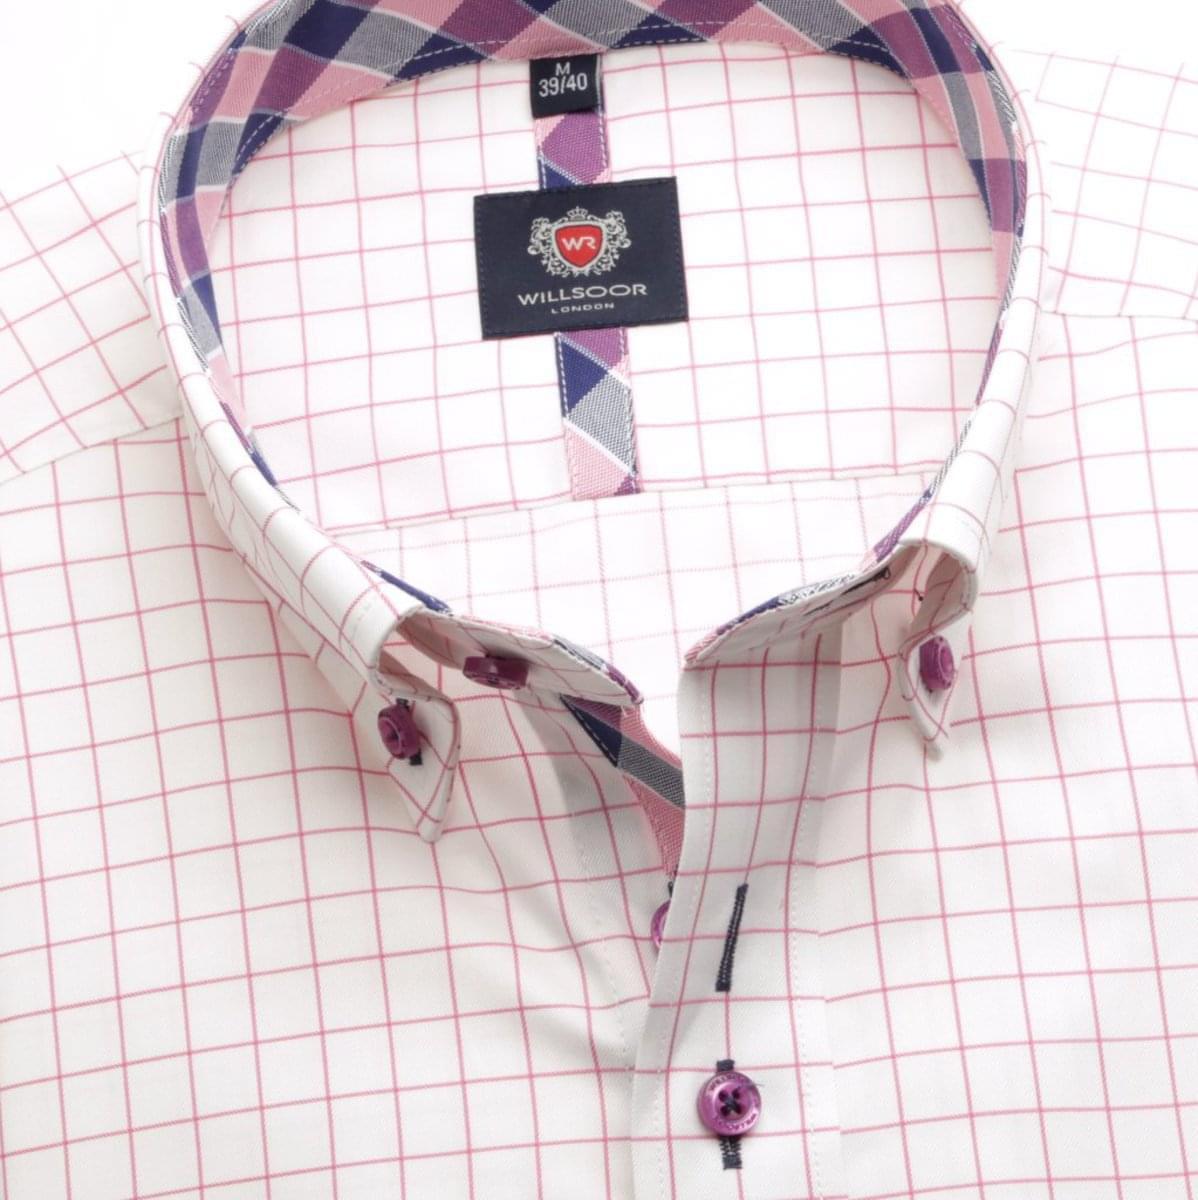 Pánská košile London v bílé barvě s kostkou (výška 188-194) 5589 188-194 / M (39/40)